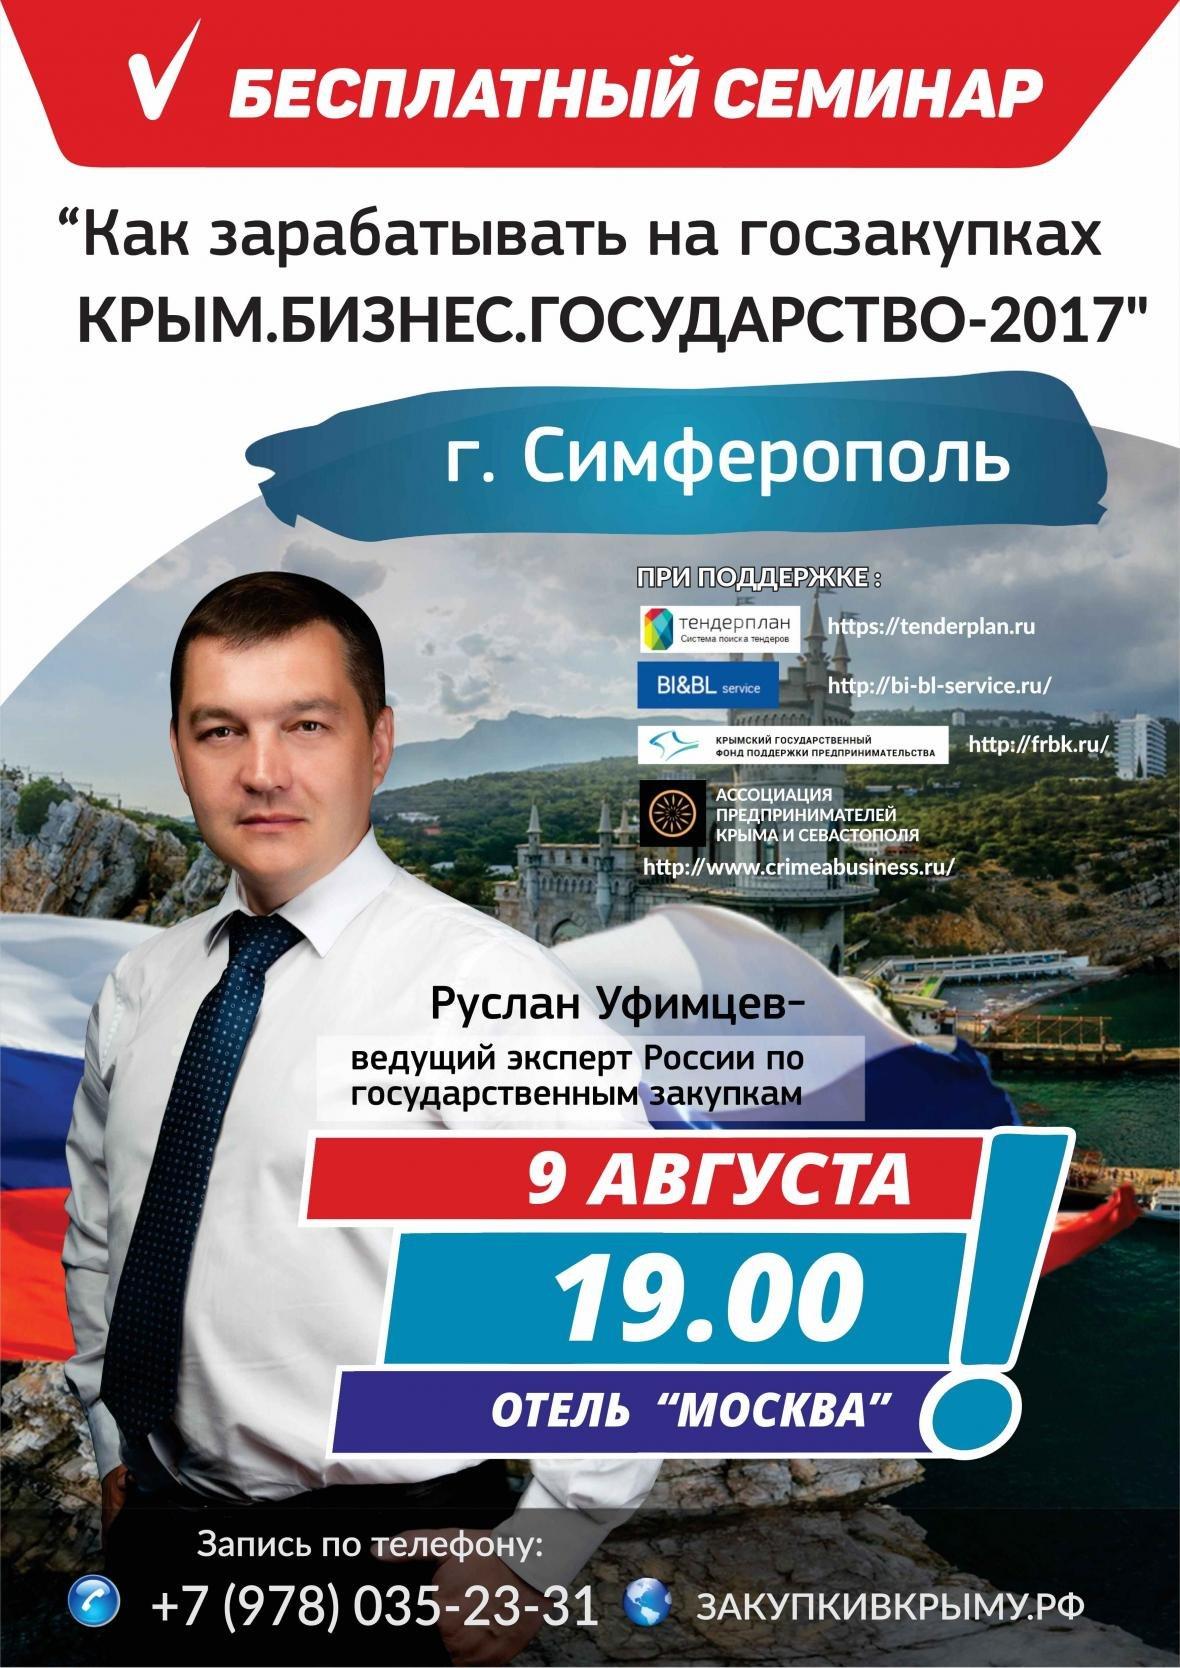 Бесплатный семинар «Крым. Бизнес. Госзакупки 2017», фото-1